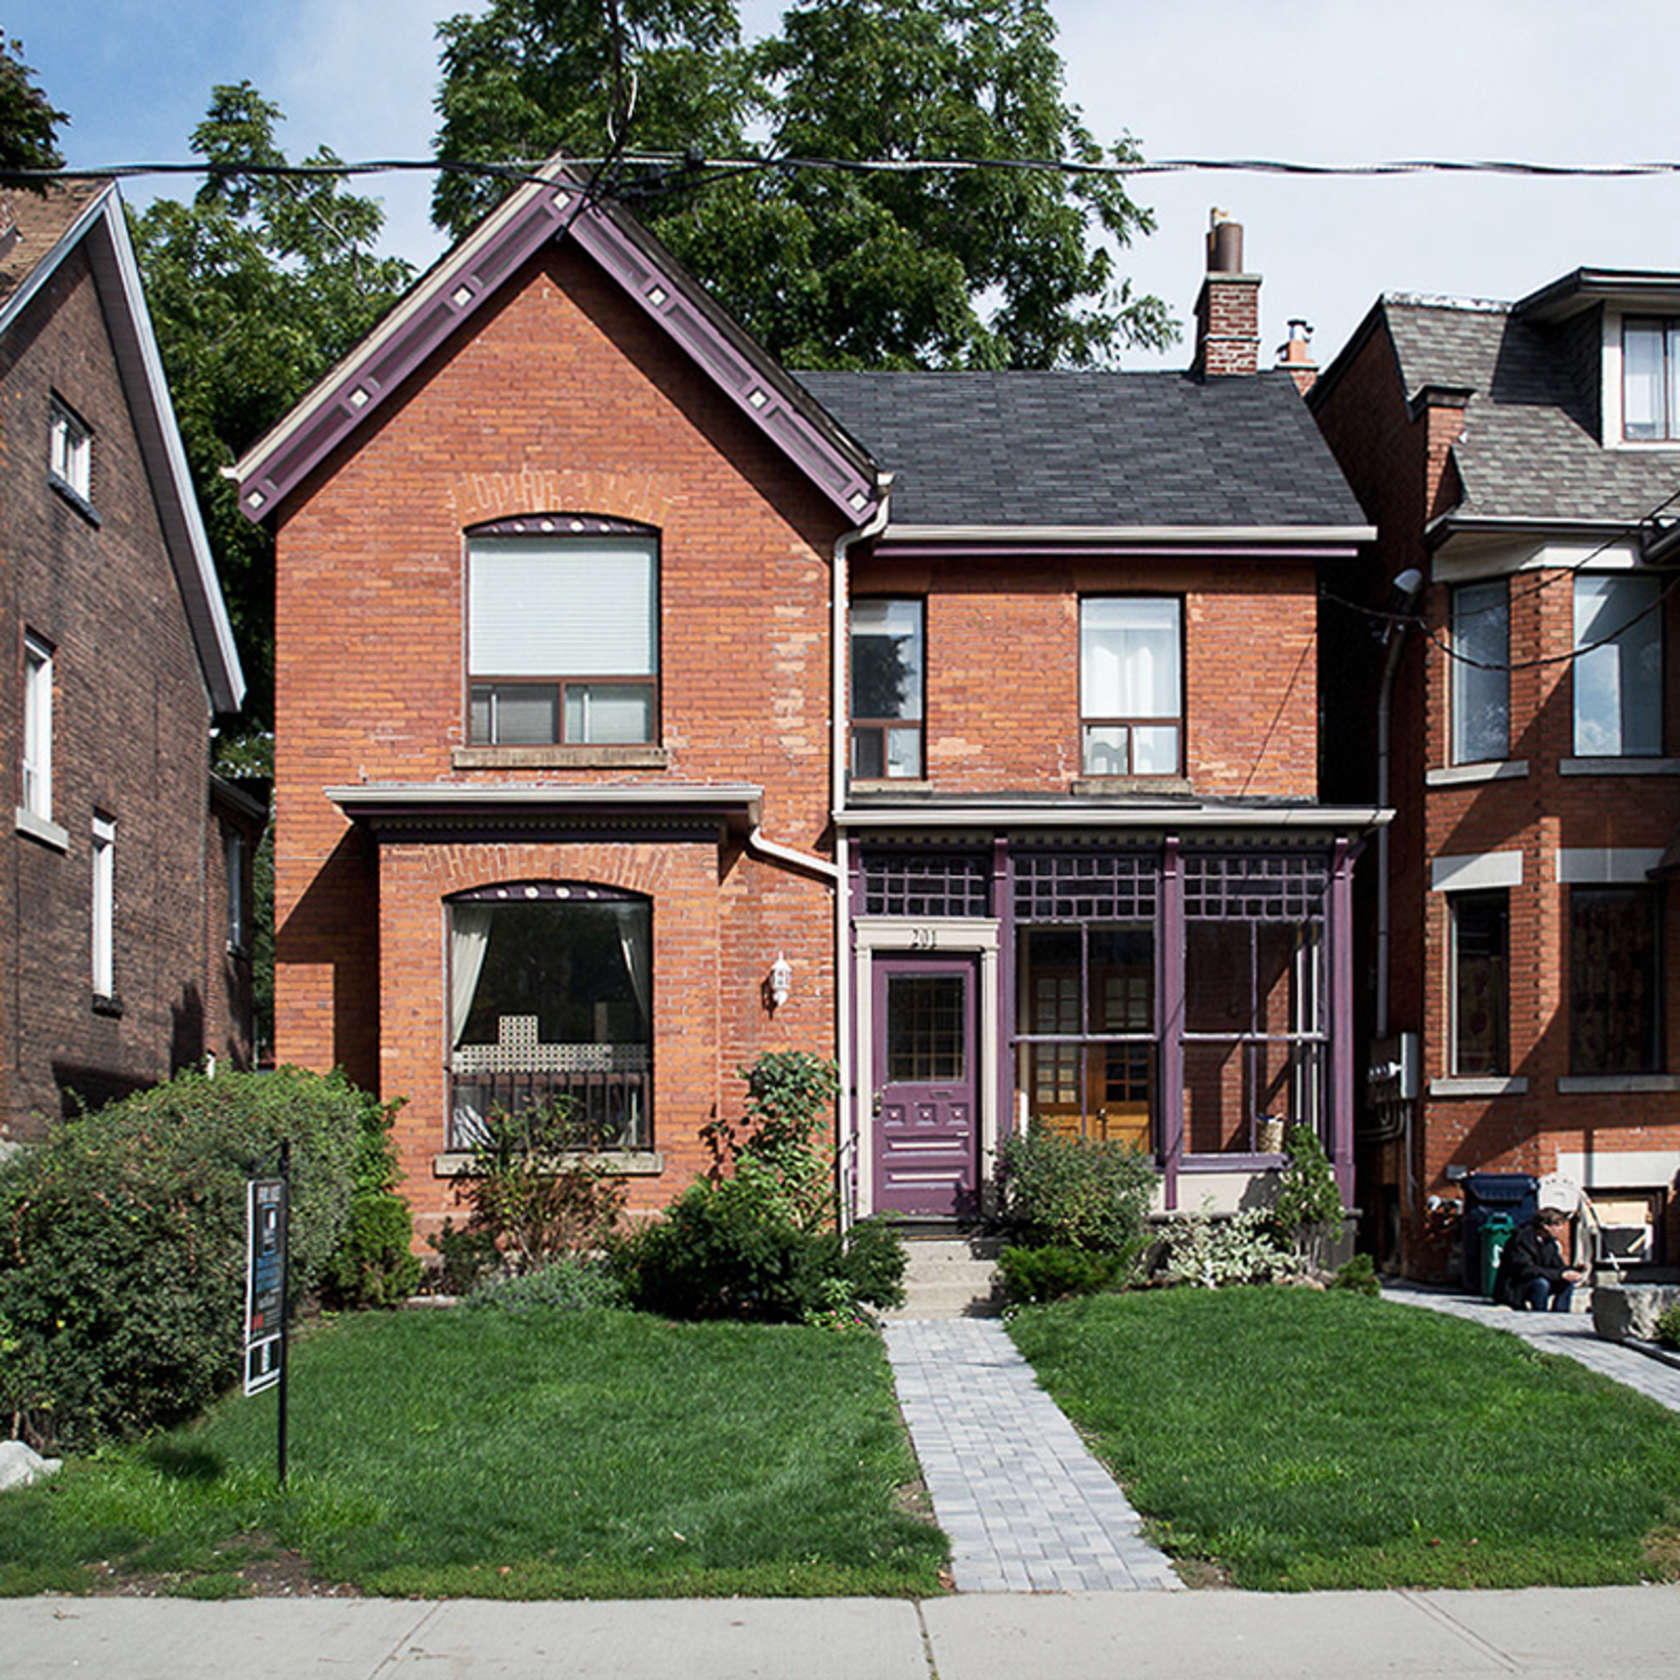 2-casa-no-canada-recebe-reforma-para-integrar-as-areas-comuns-fachada